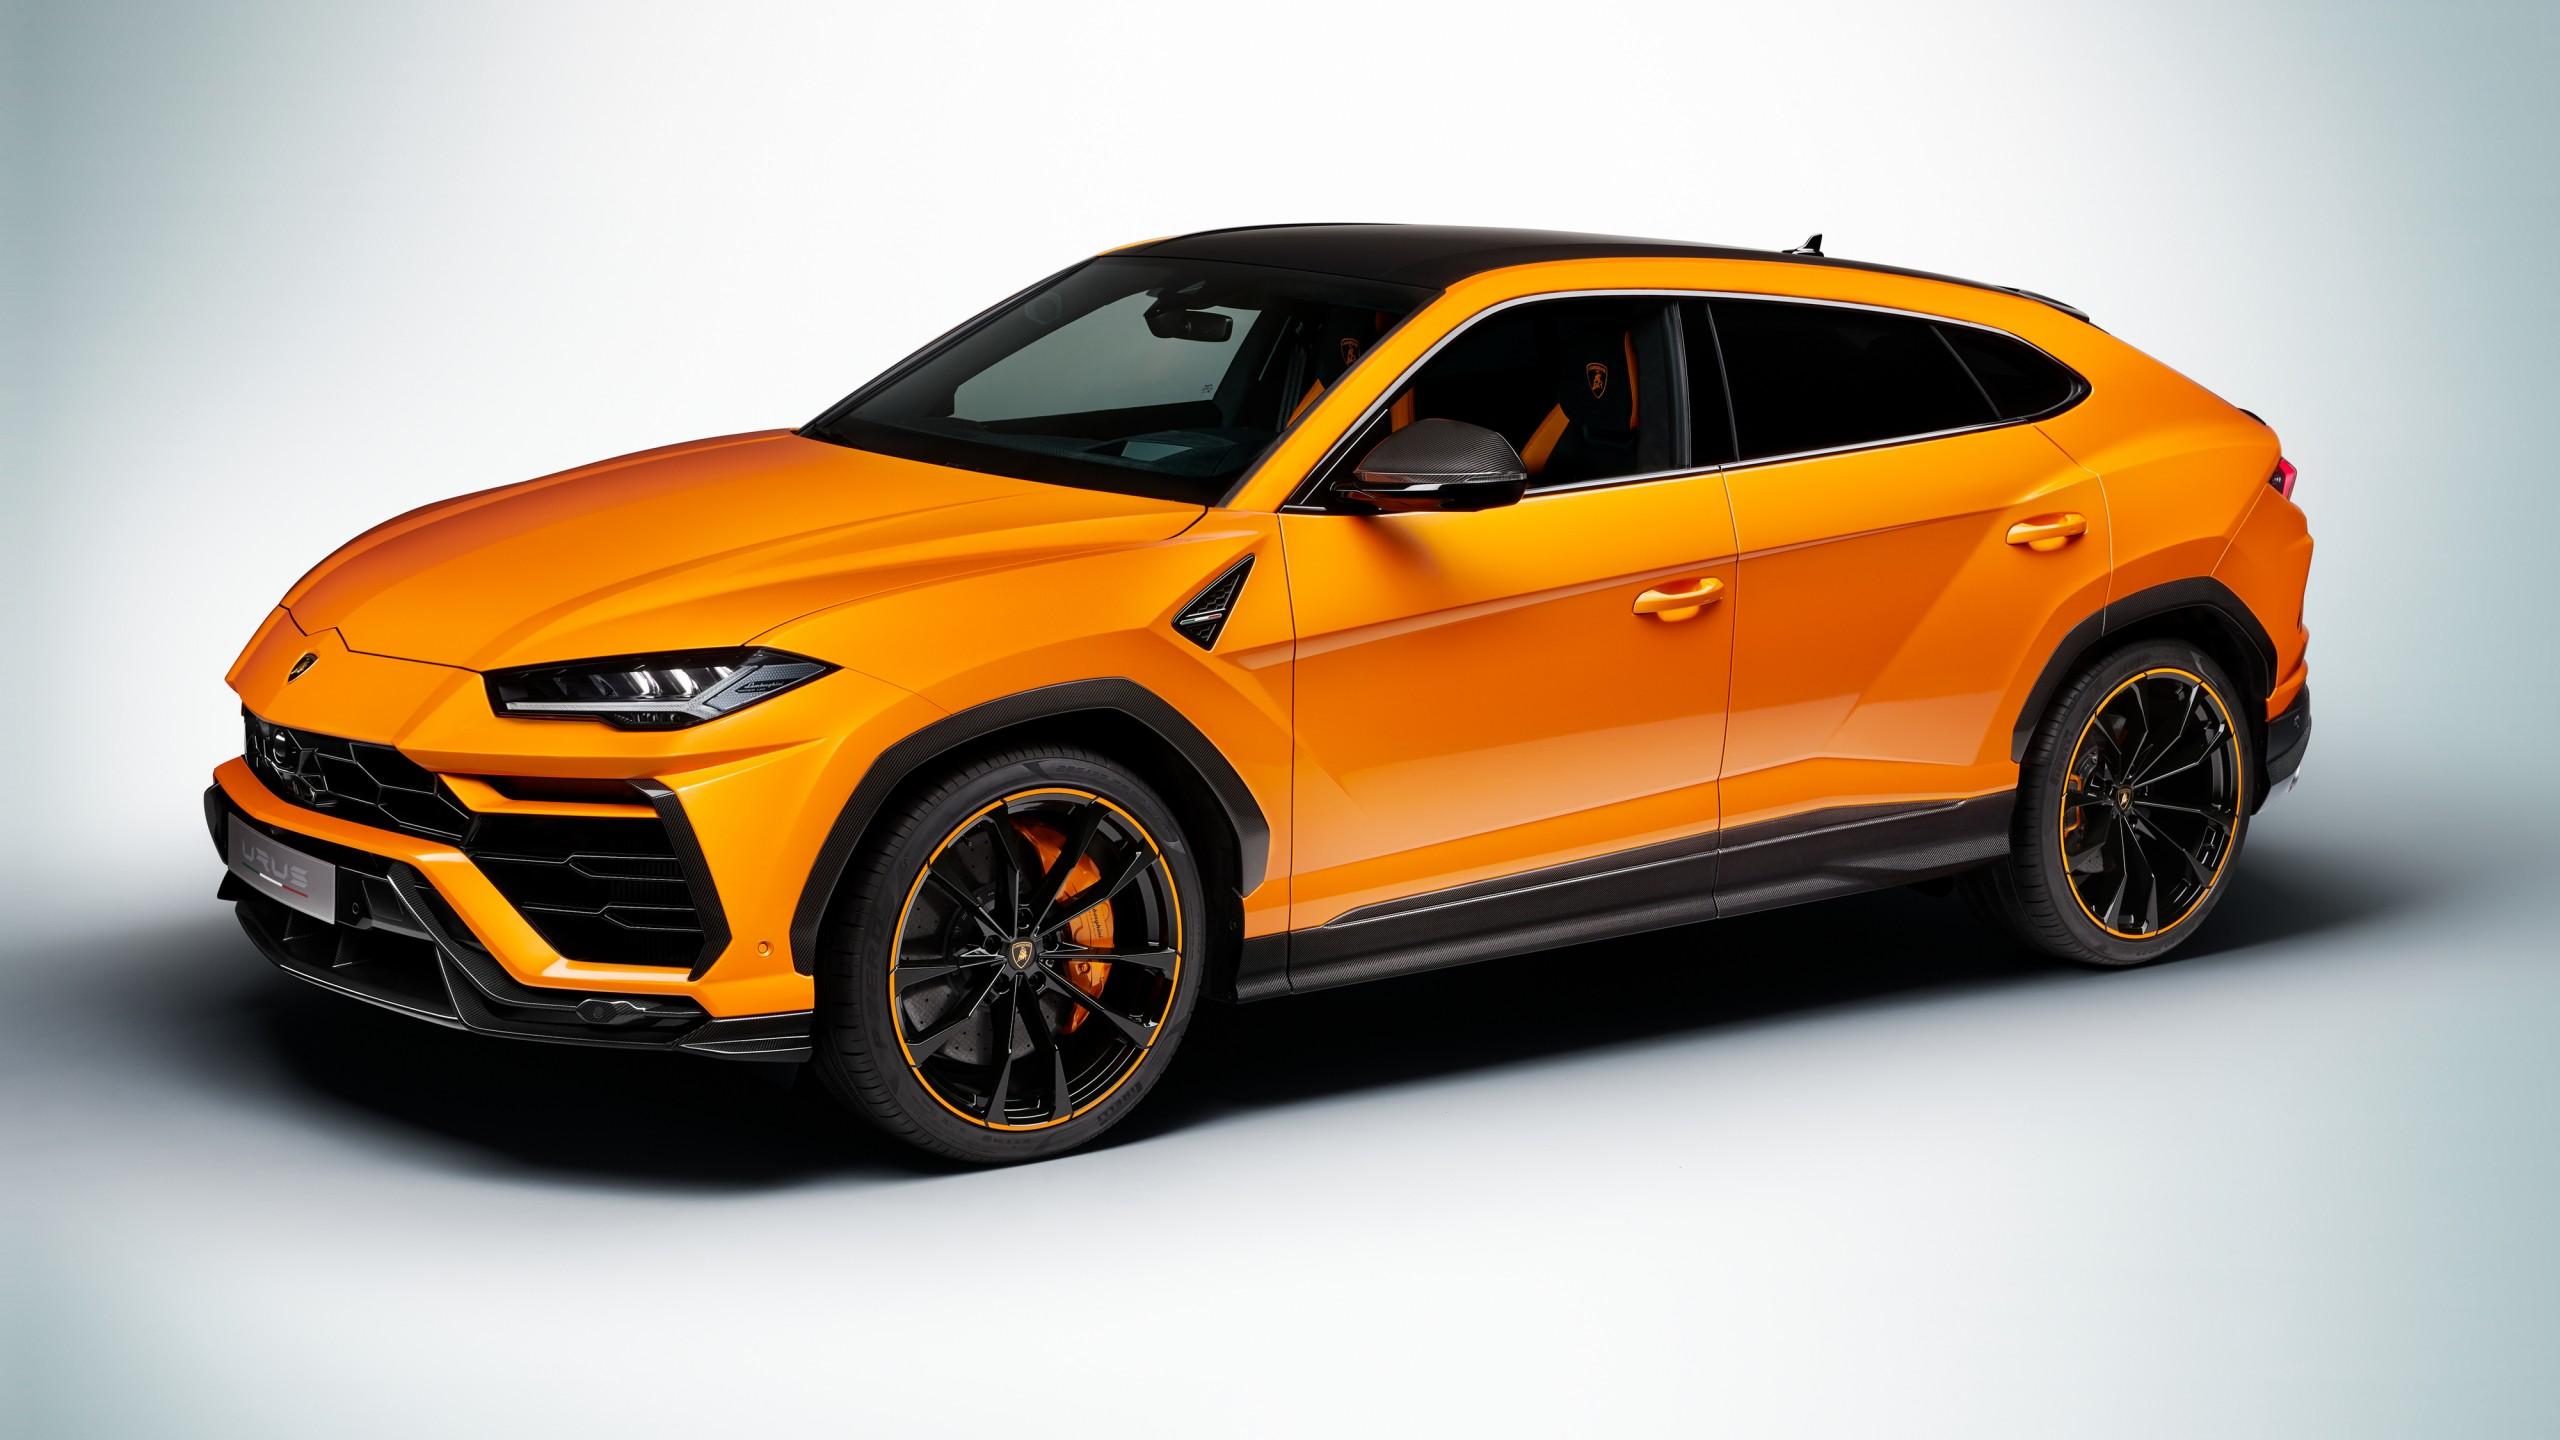 Lamborghini Urus Pearl Capsule 2020 4K Wallpaper | HD Car ...